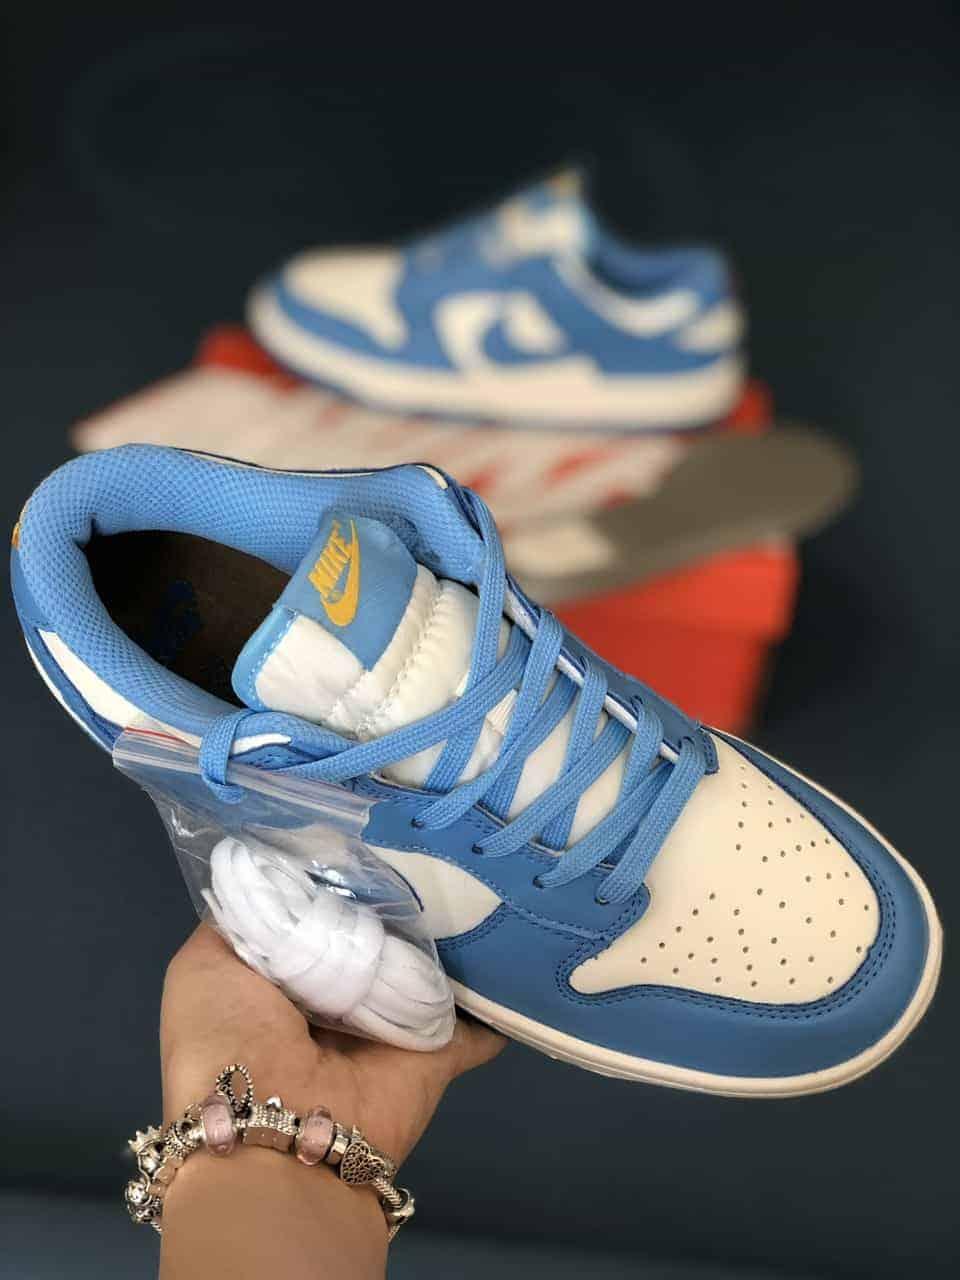 Nike SB Dunk Blue Xanh Rep 1:1 có màu sắc trẻ trung, mang phong cách tươi mới